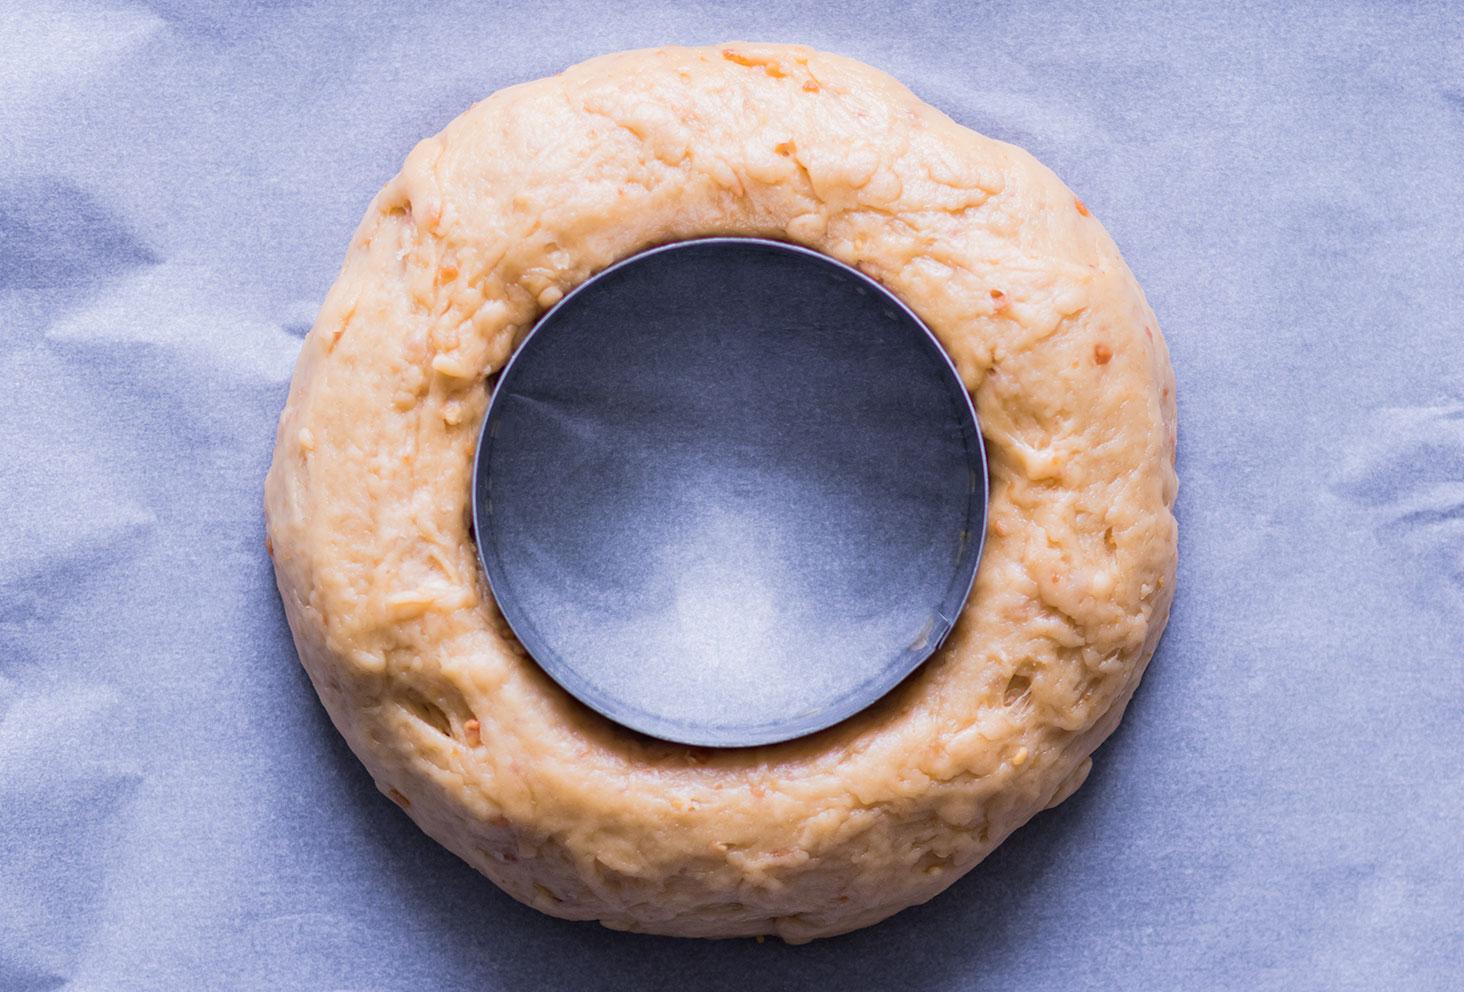 Résultat de la pâte crue de la couronne des rois au beurre de cacahuètes